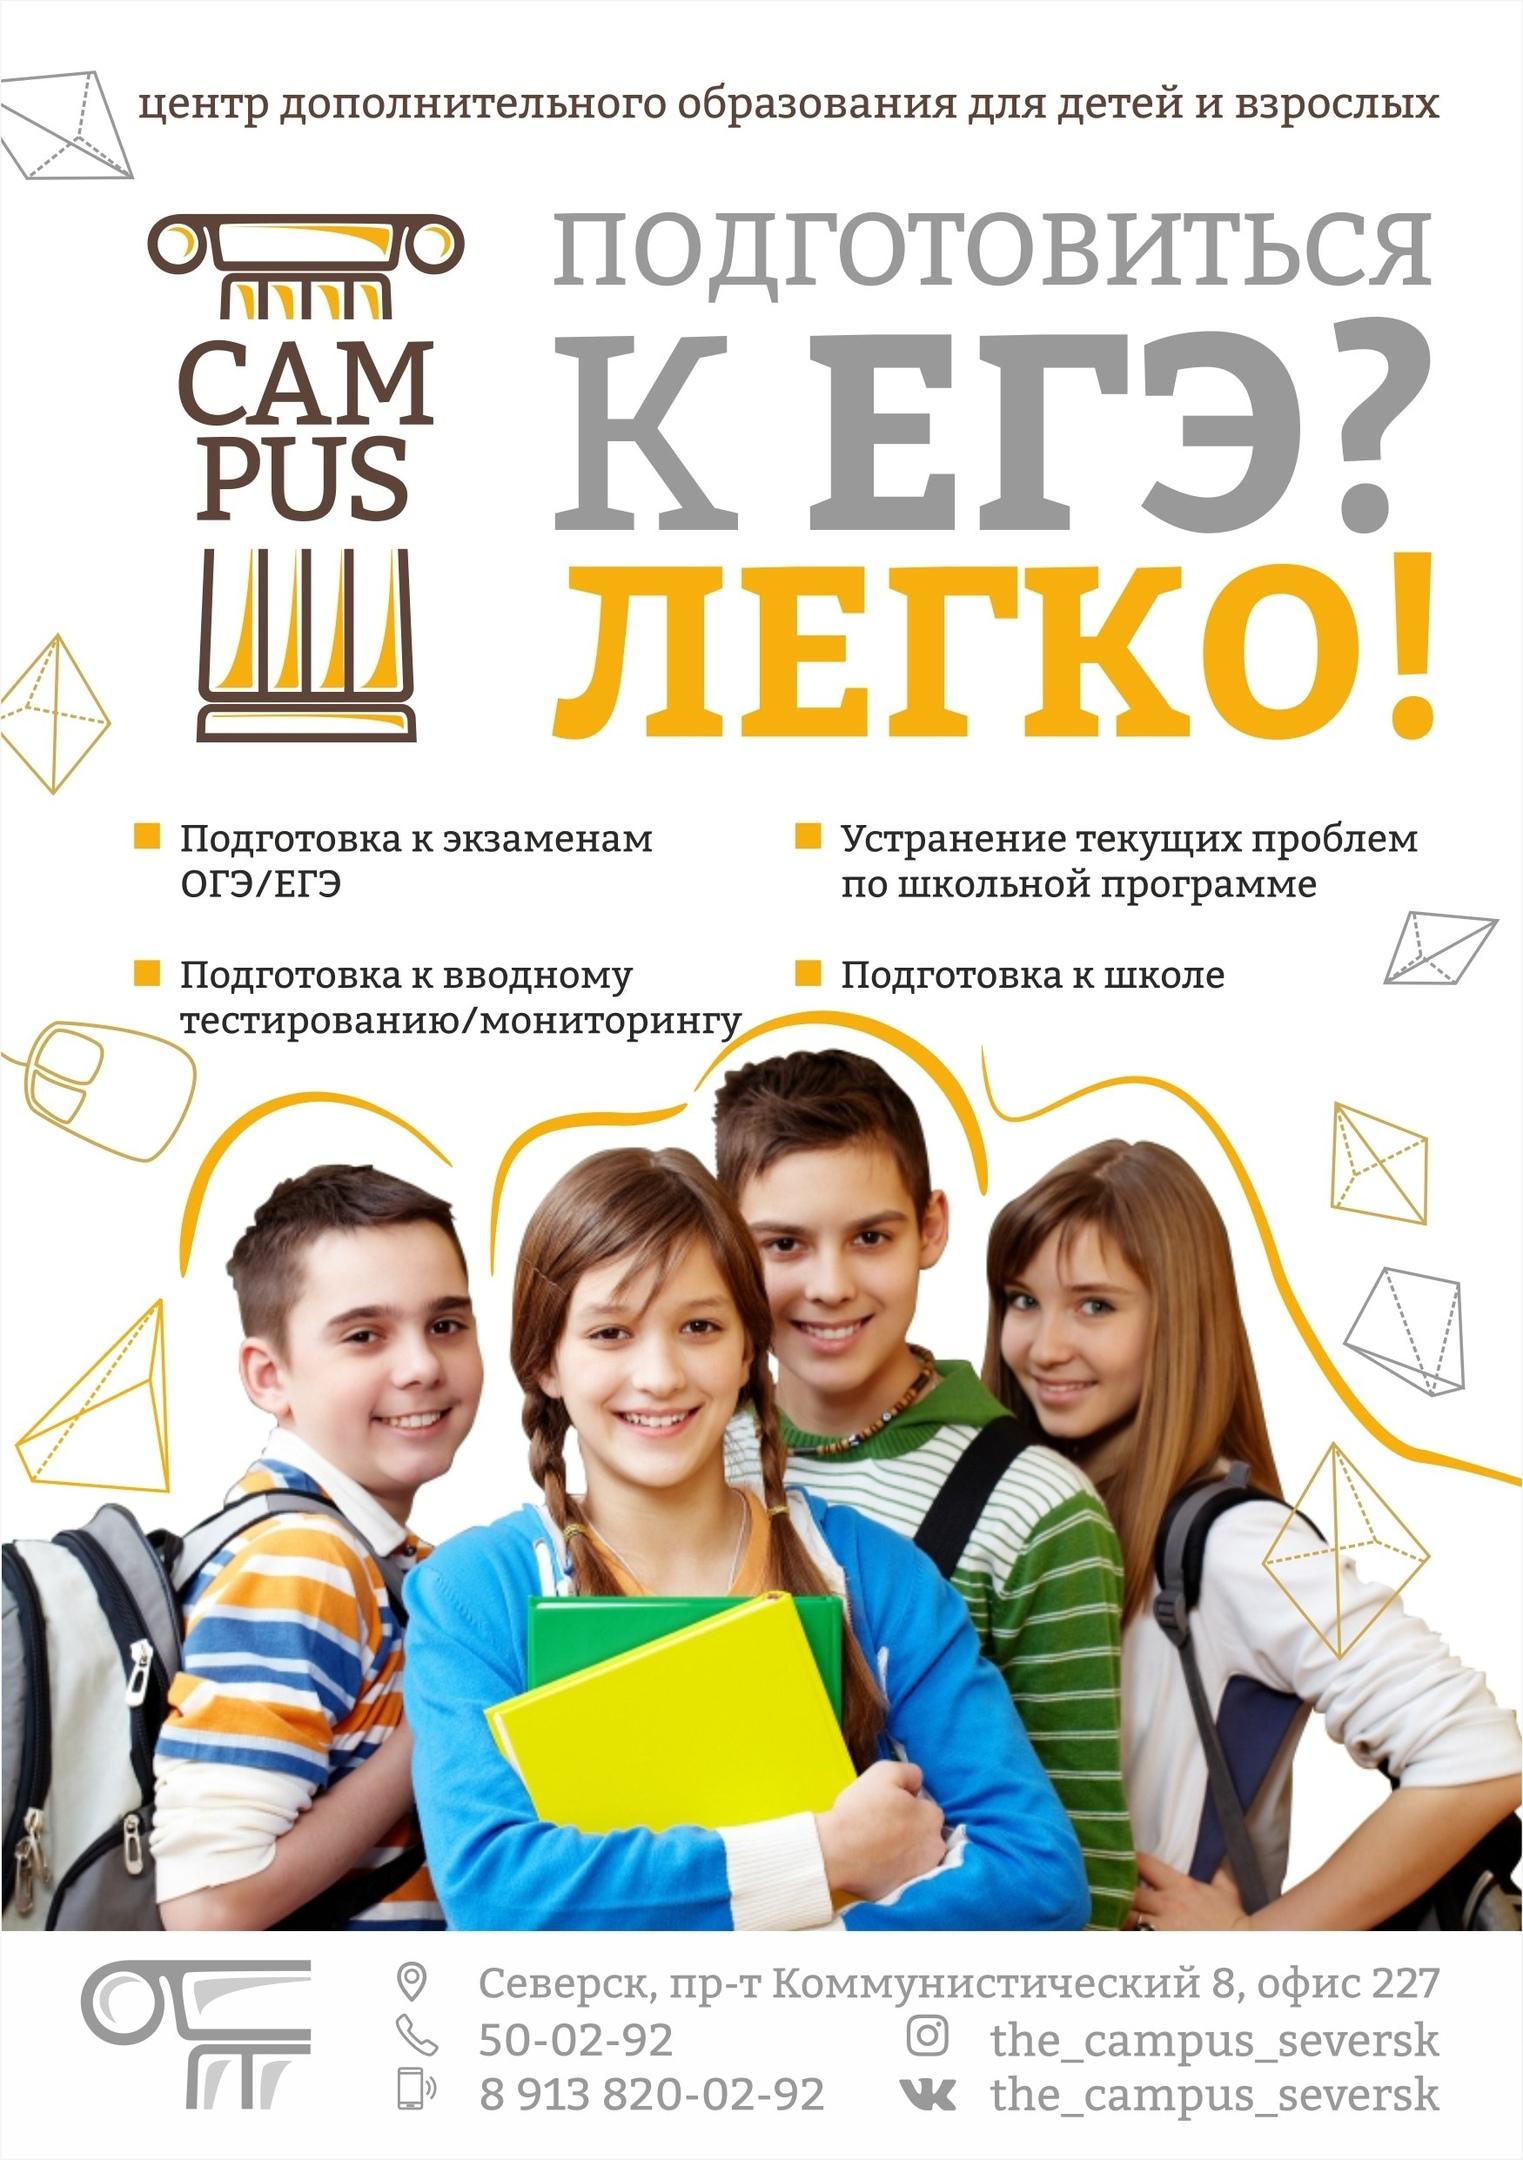 Образовательный центр The Campus в Северске проводит набор в группы подготовки к ОГЭ/ЕГЭ по всем предметам школьной программы